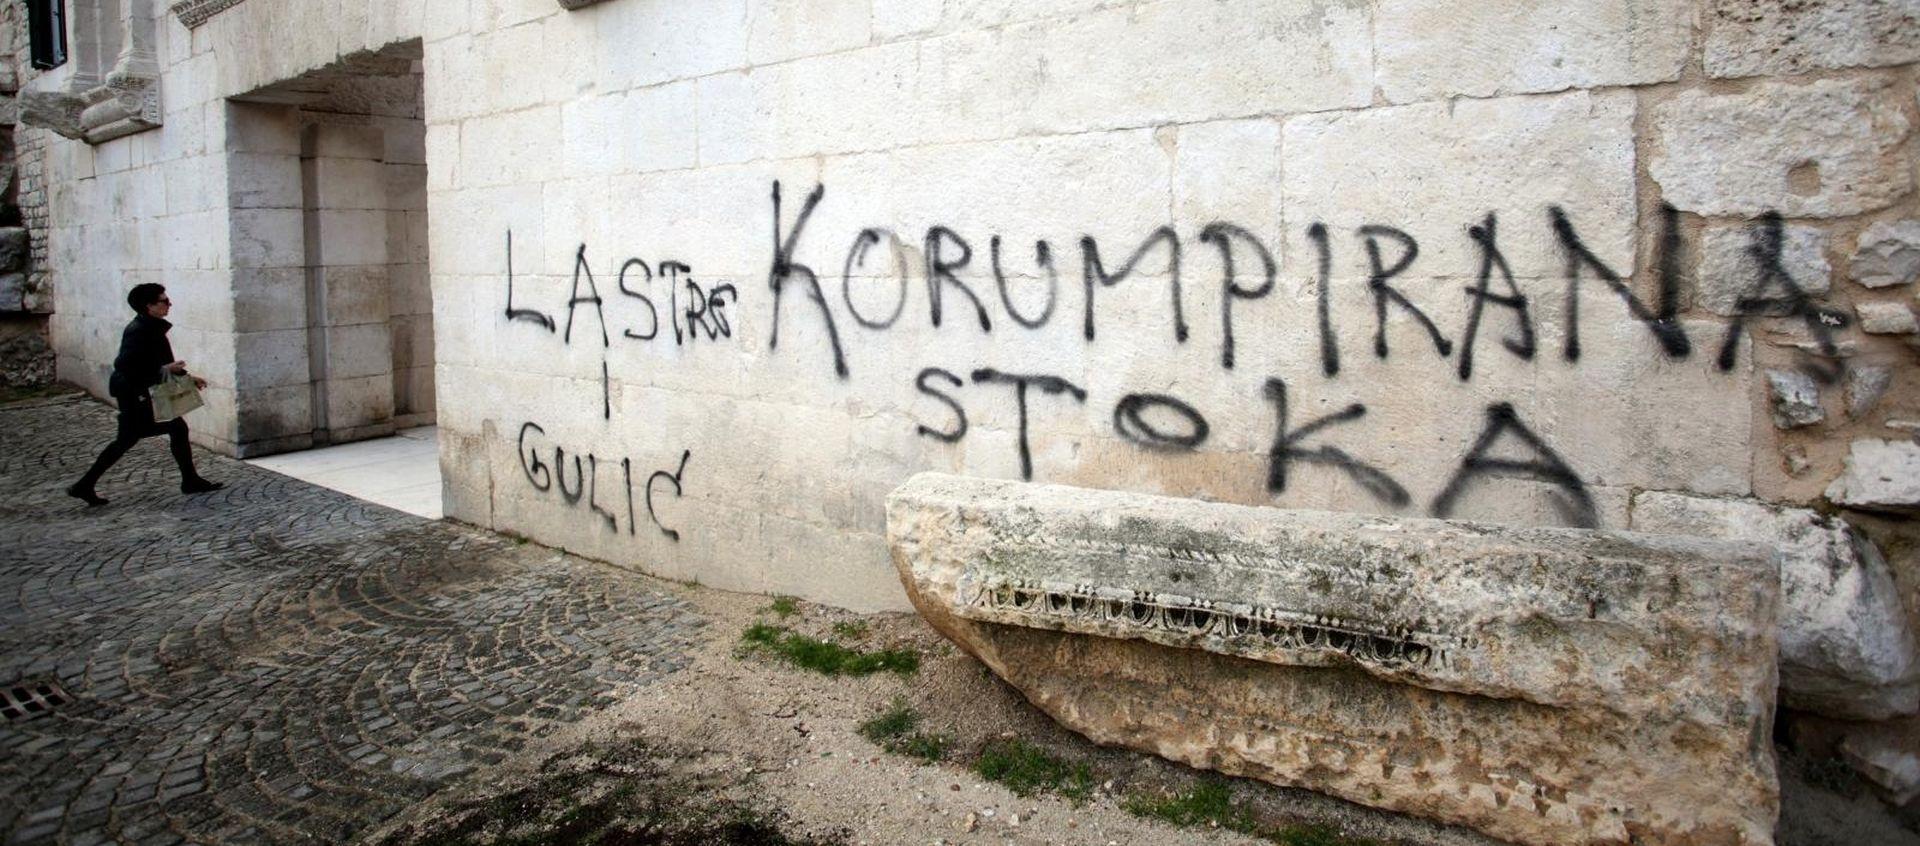 Policija uhitila muškarca koji je išarao Dioklecijanovu palaču